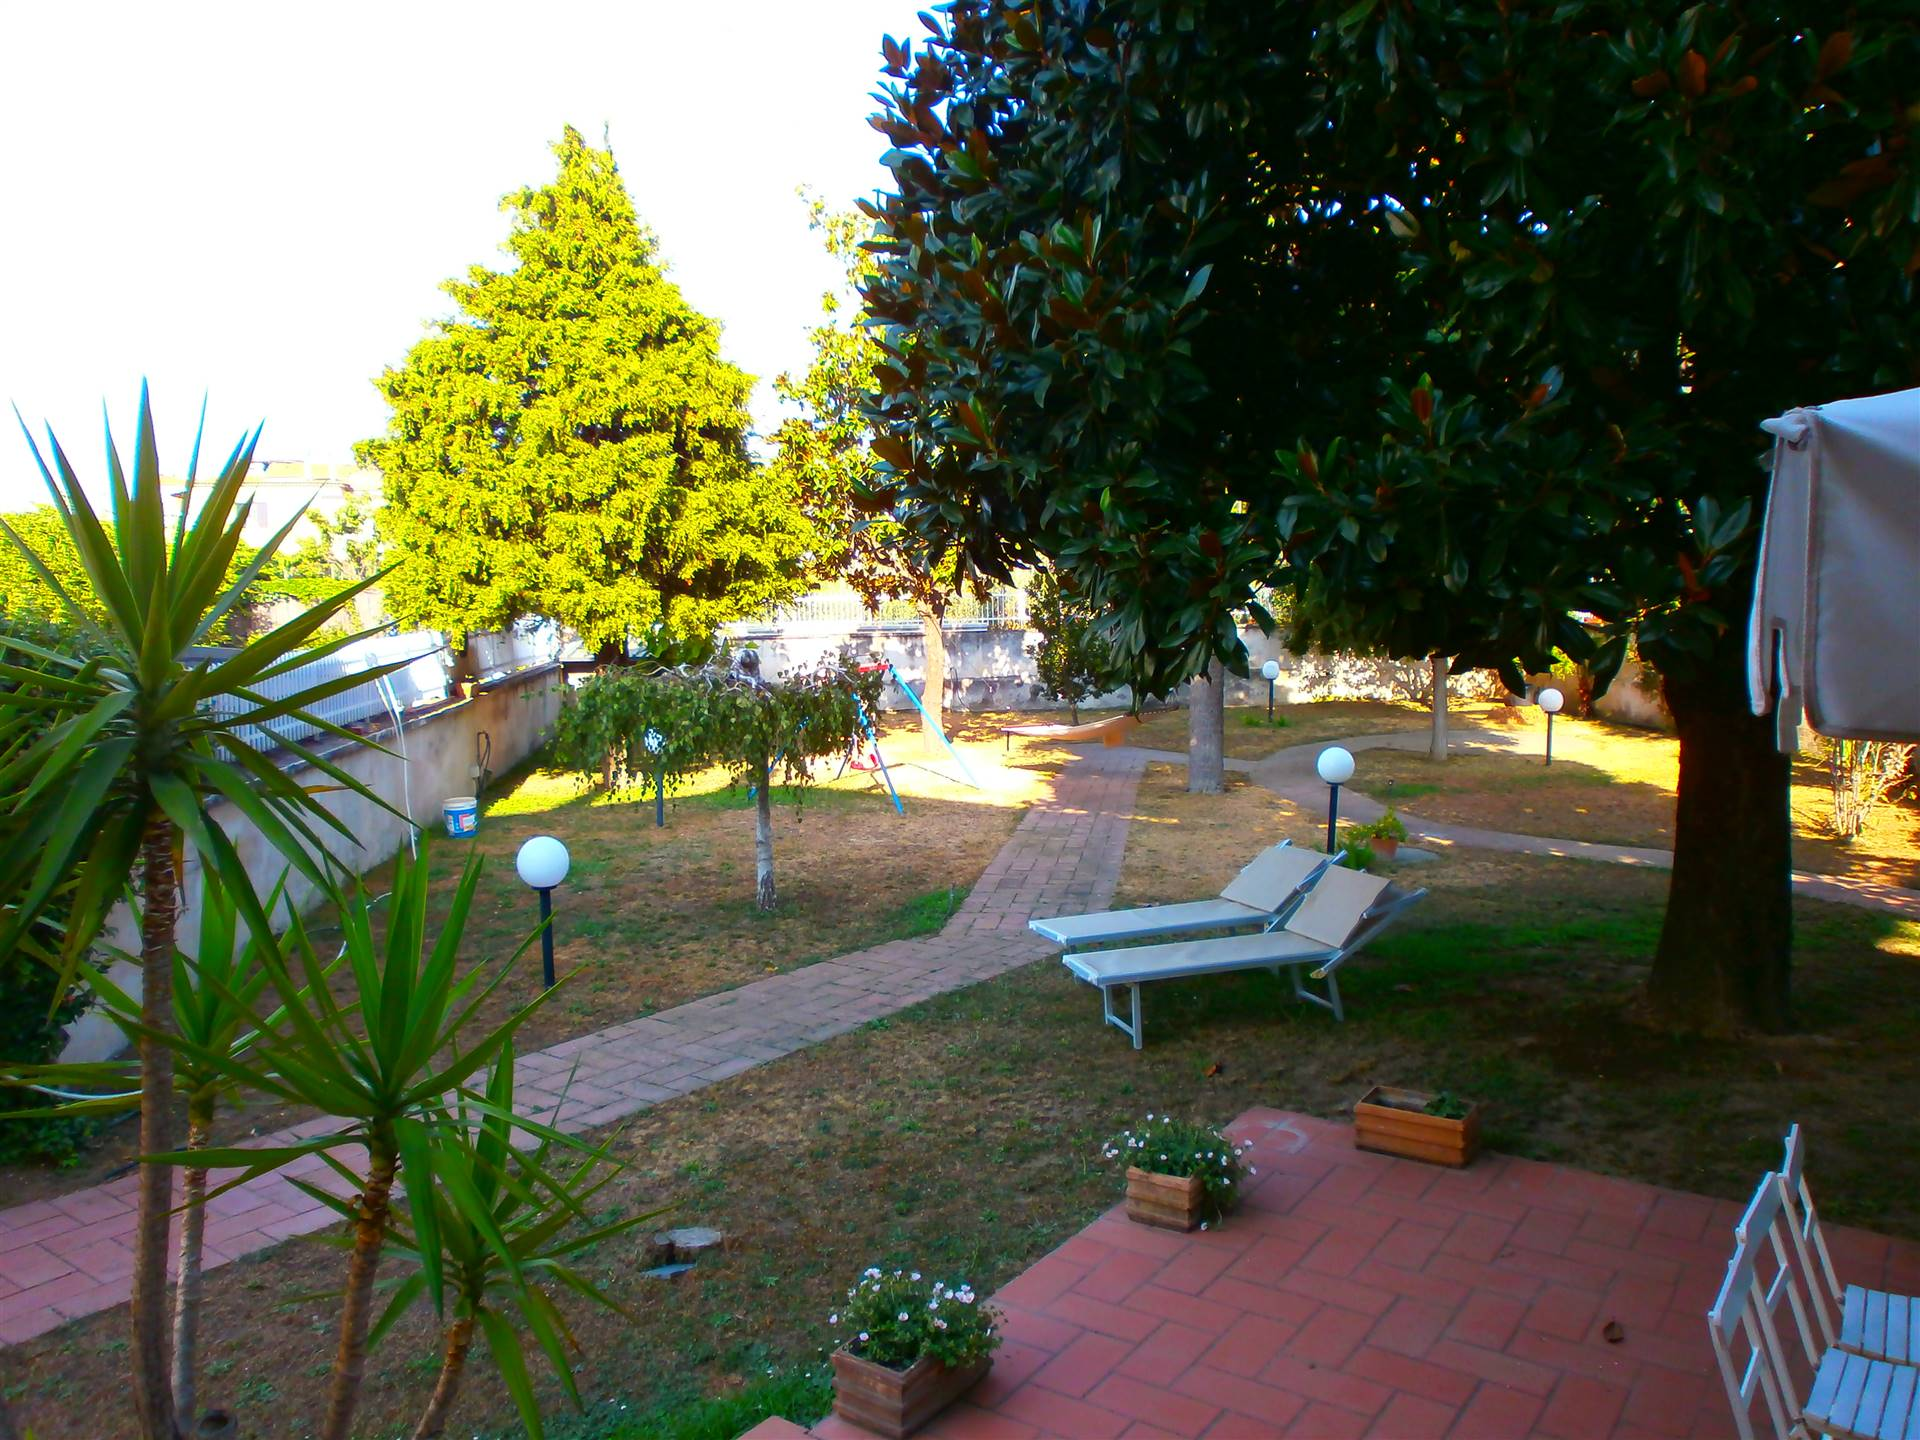 CASTELLAMMARE DI STABIA, Villa des vendre de 170 Mq, Bon , Chauffage Autonome, Classe Énergétique: G, par terre 2°, composé par: 5 Locals, Cuisine